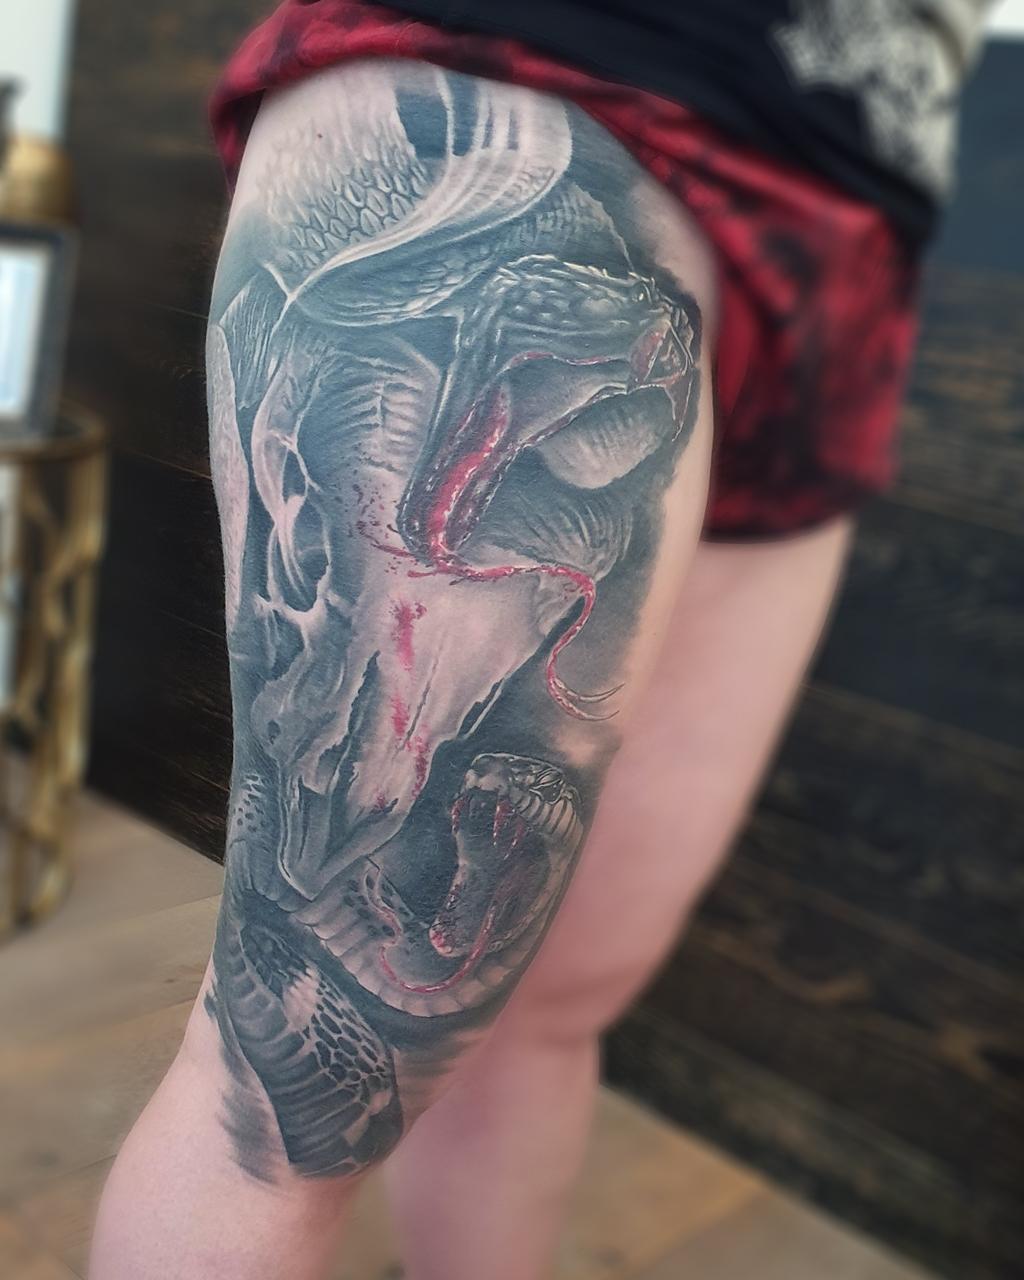 Tatouage realiste noir et gris dark skull et serpents